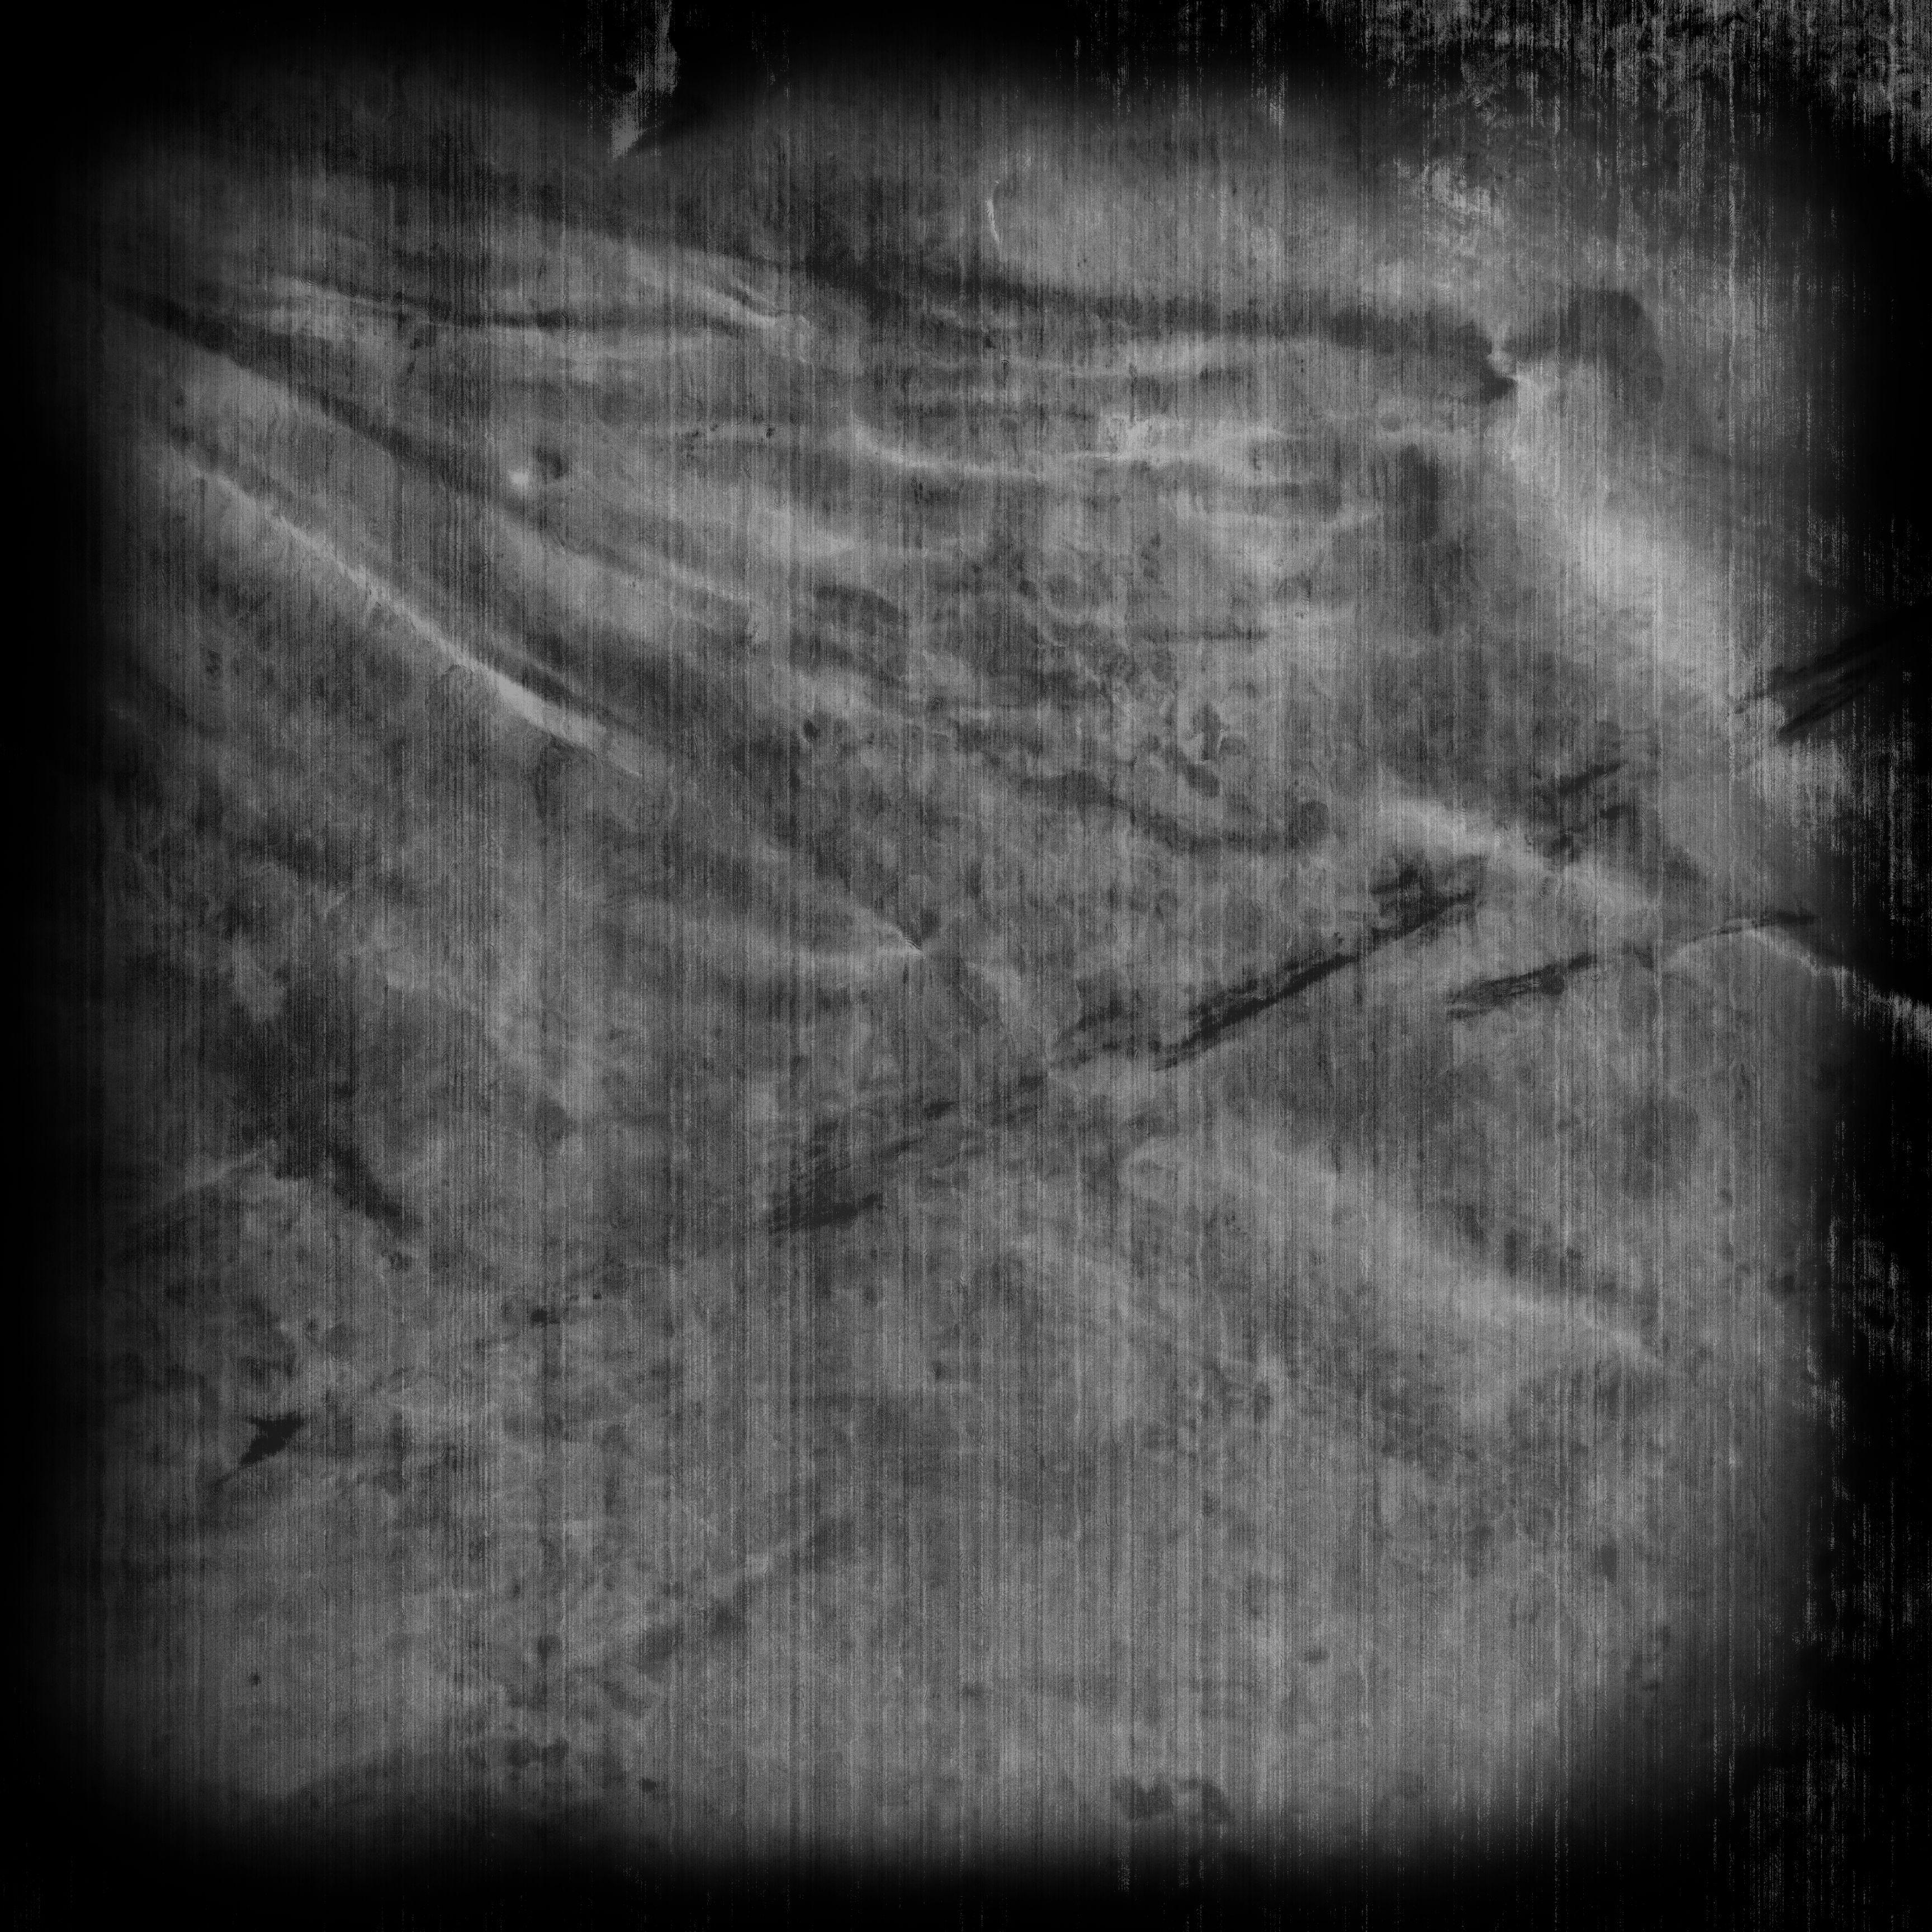 Фильтр под старое фото приложение